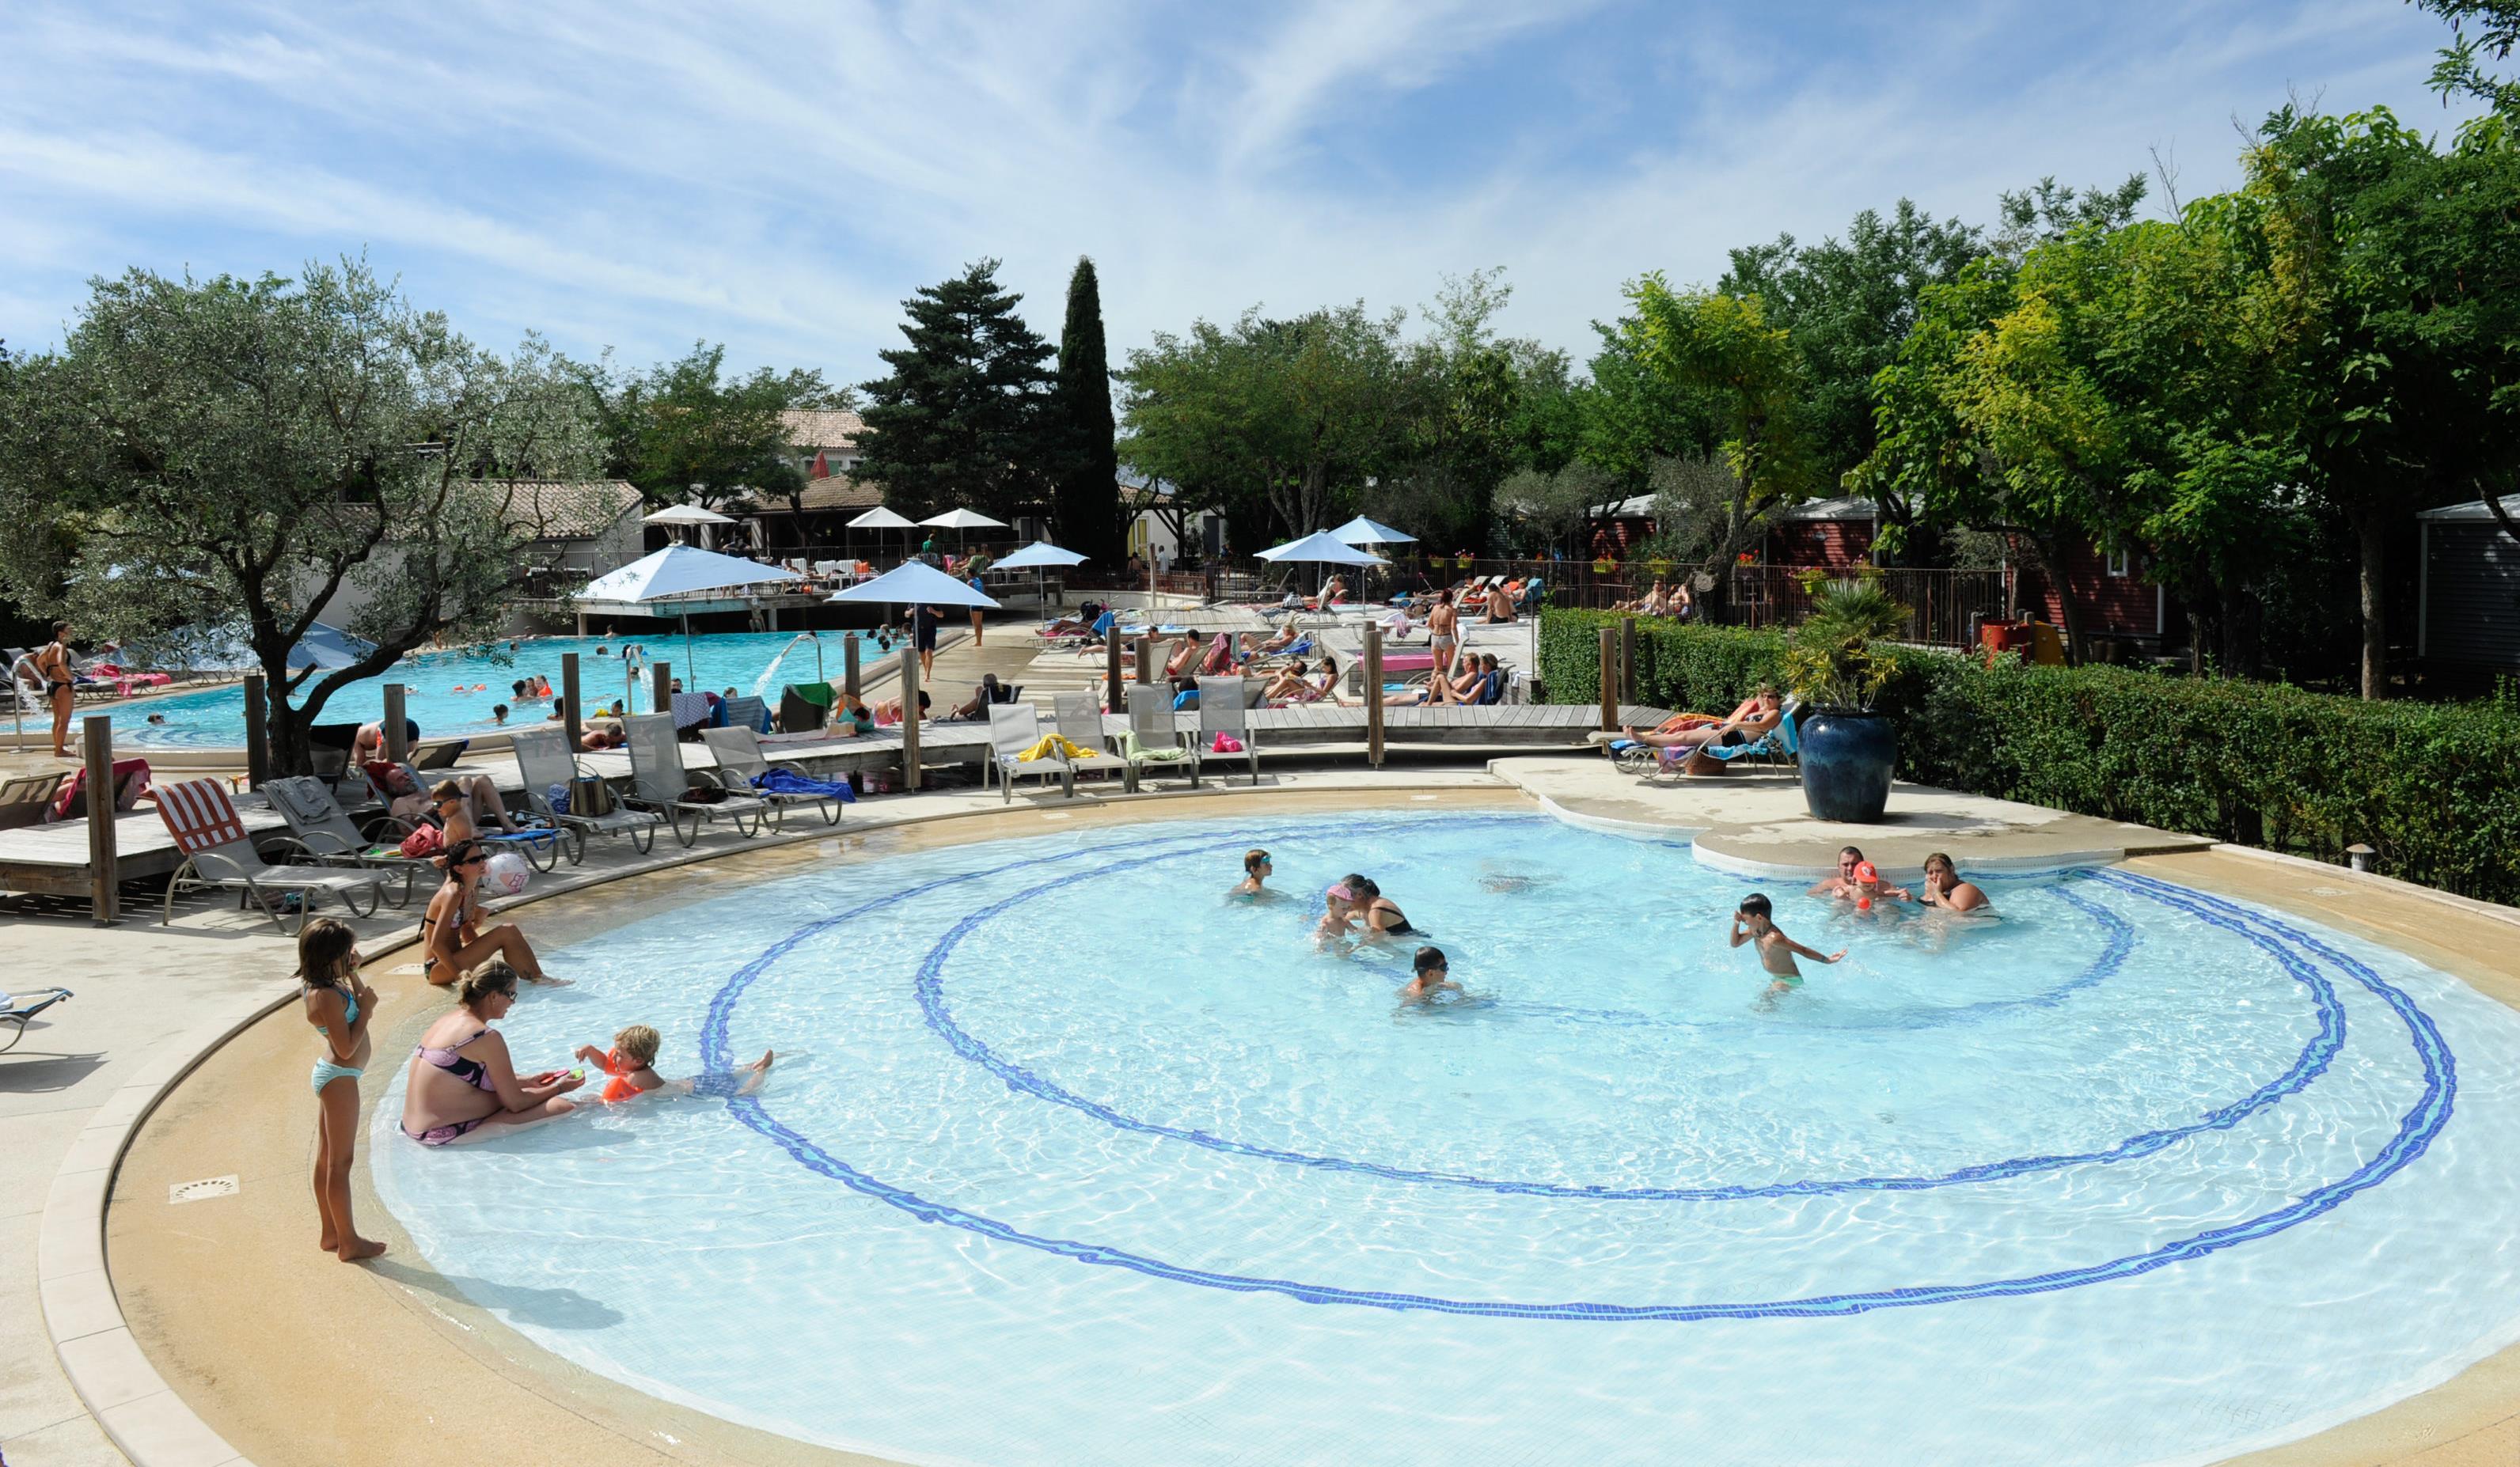 Camping ardeche avec piscine et pataugeoires yelloh - Camping creuse avec piscine ...